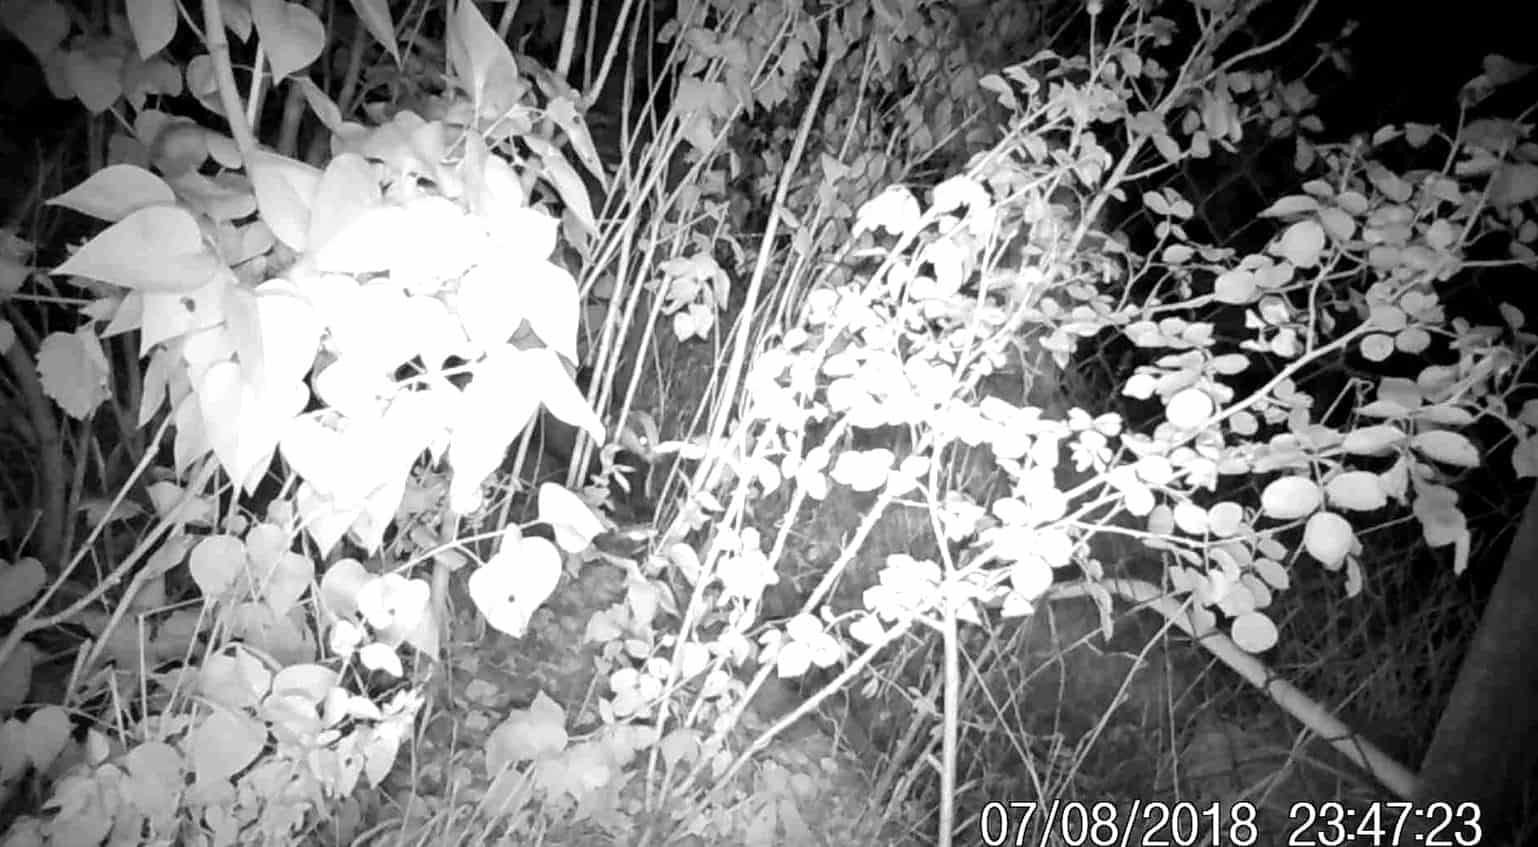 Dlaczego oczy zwierząt świecą w nocy, gp batteries, latarka czołowa, czołówka, Discovery, blog o dzikich zwierzętach, o przyrodzie, animalistka, animalistka.pl